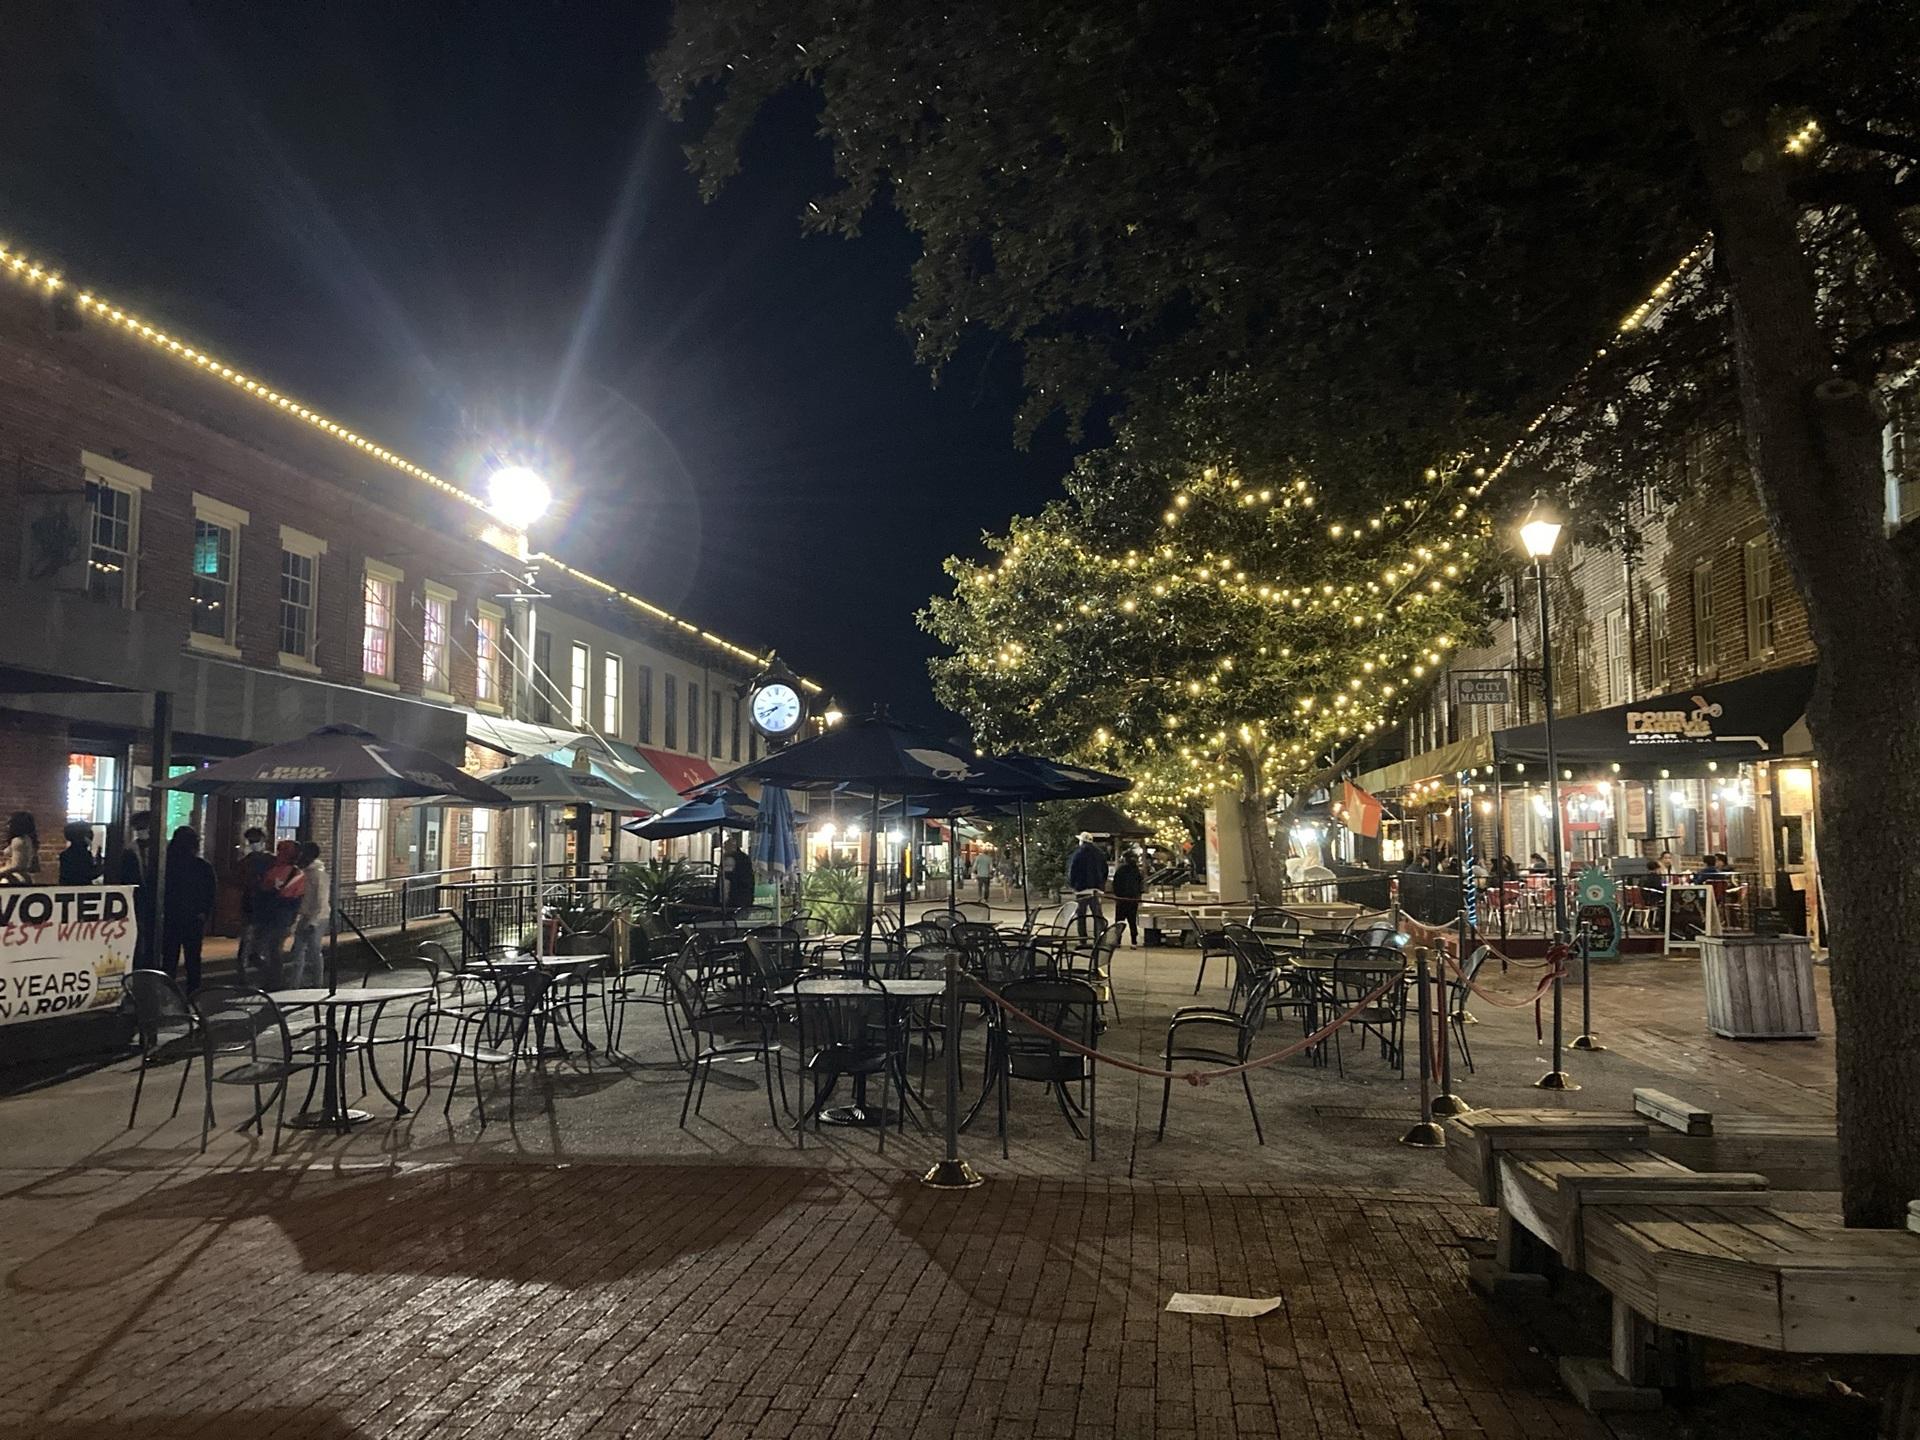 シティマーケット | サバンナ(ジョージア)在住エリーナさんのおすすめ夜遊びスポット